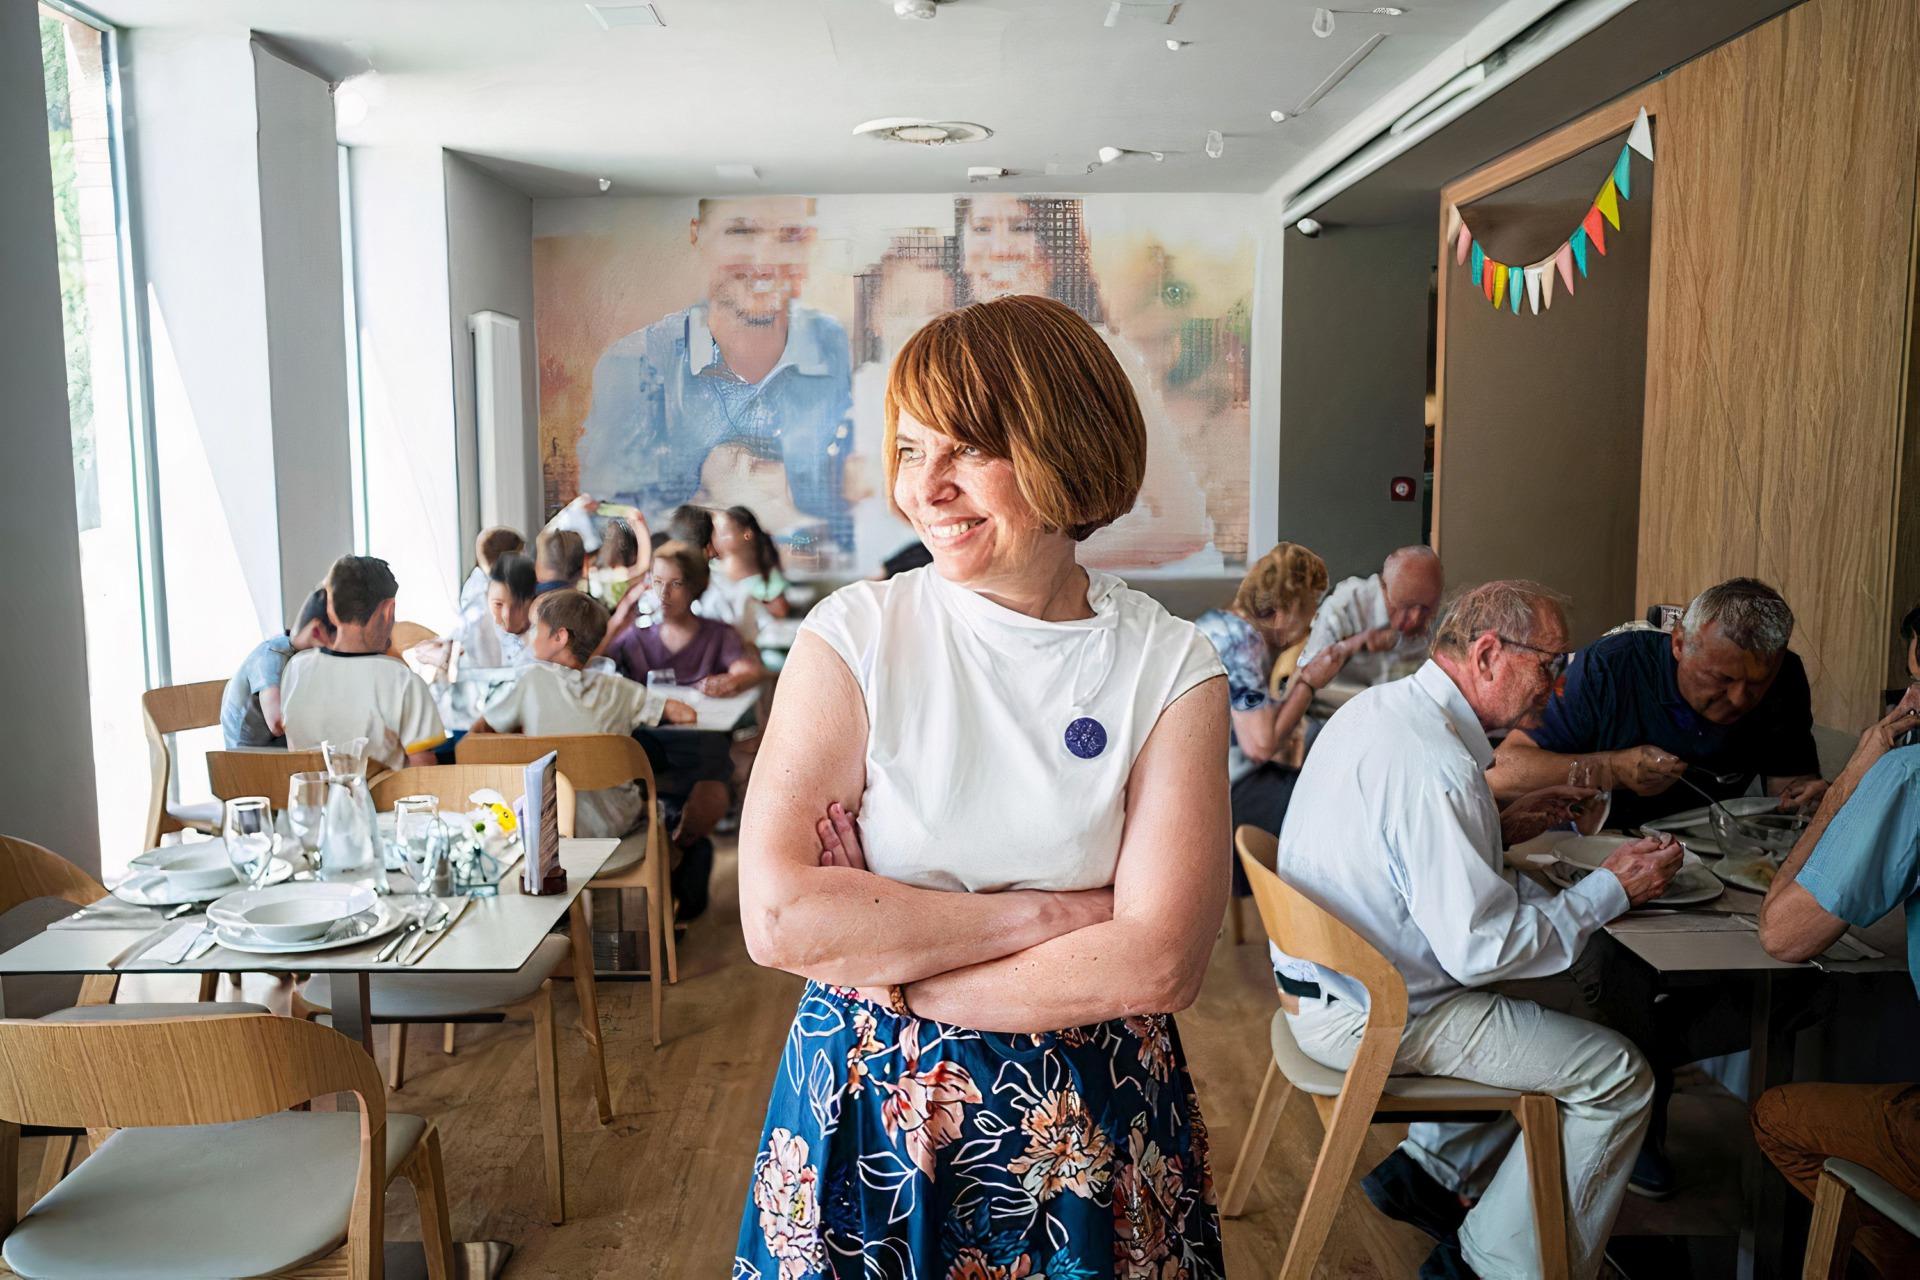 Két éttermet vittek sikerre fogyatékossággal élő beosztottakkal – a Kék Madár Alapítvány mintaprojektje